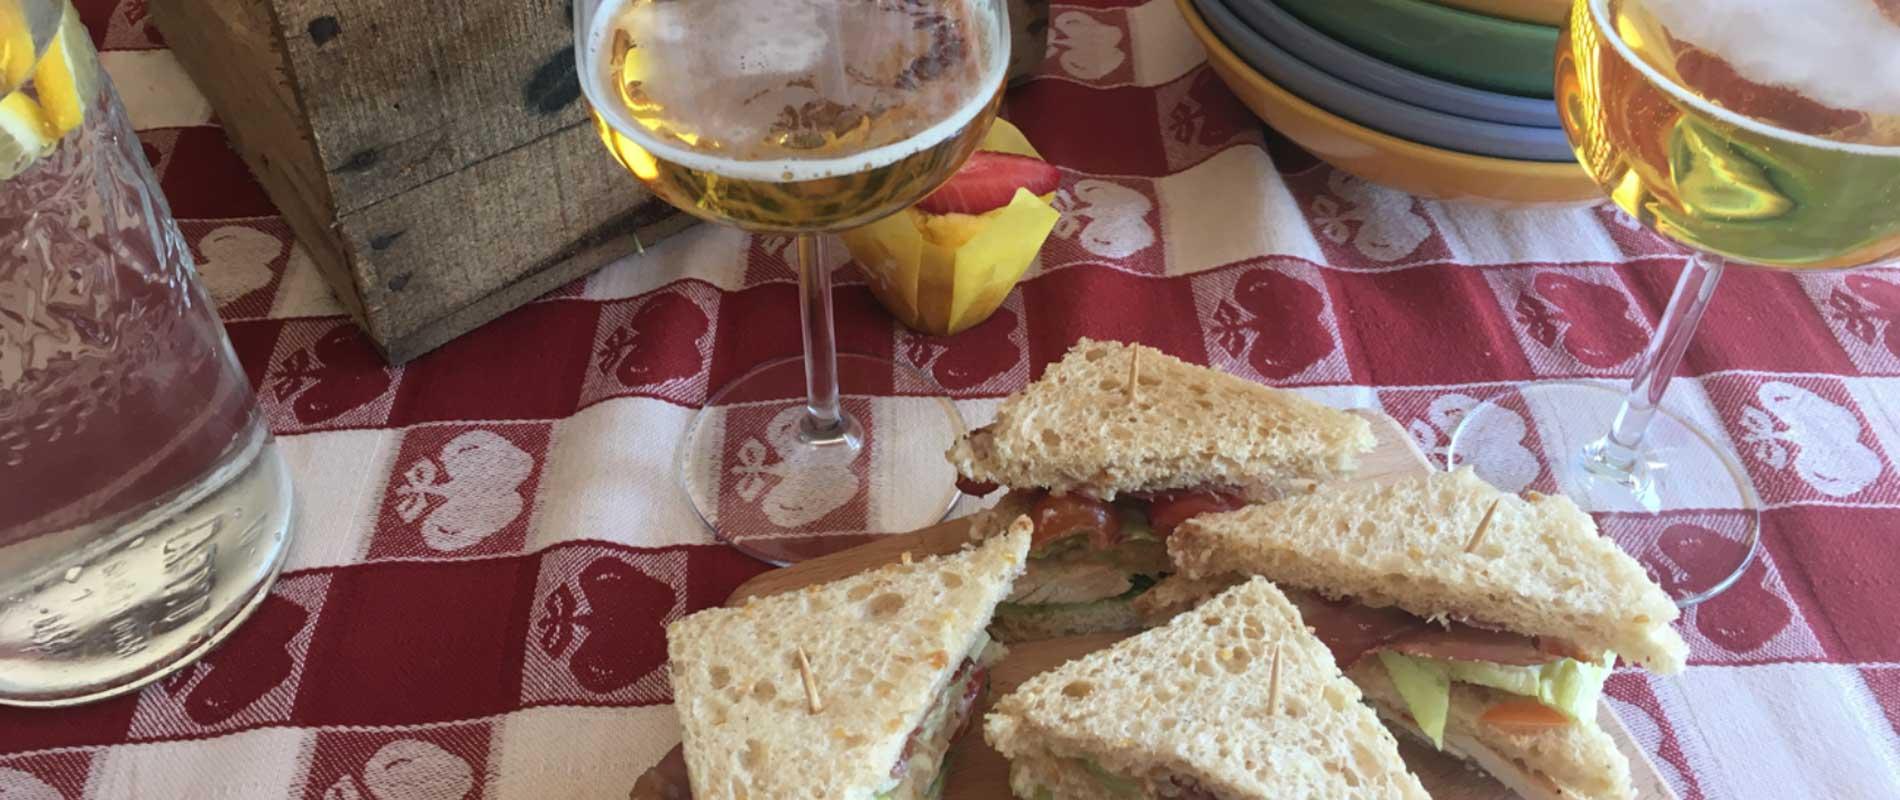 RCETTA Club Sandwich